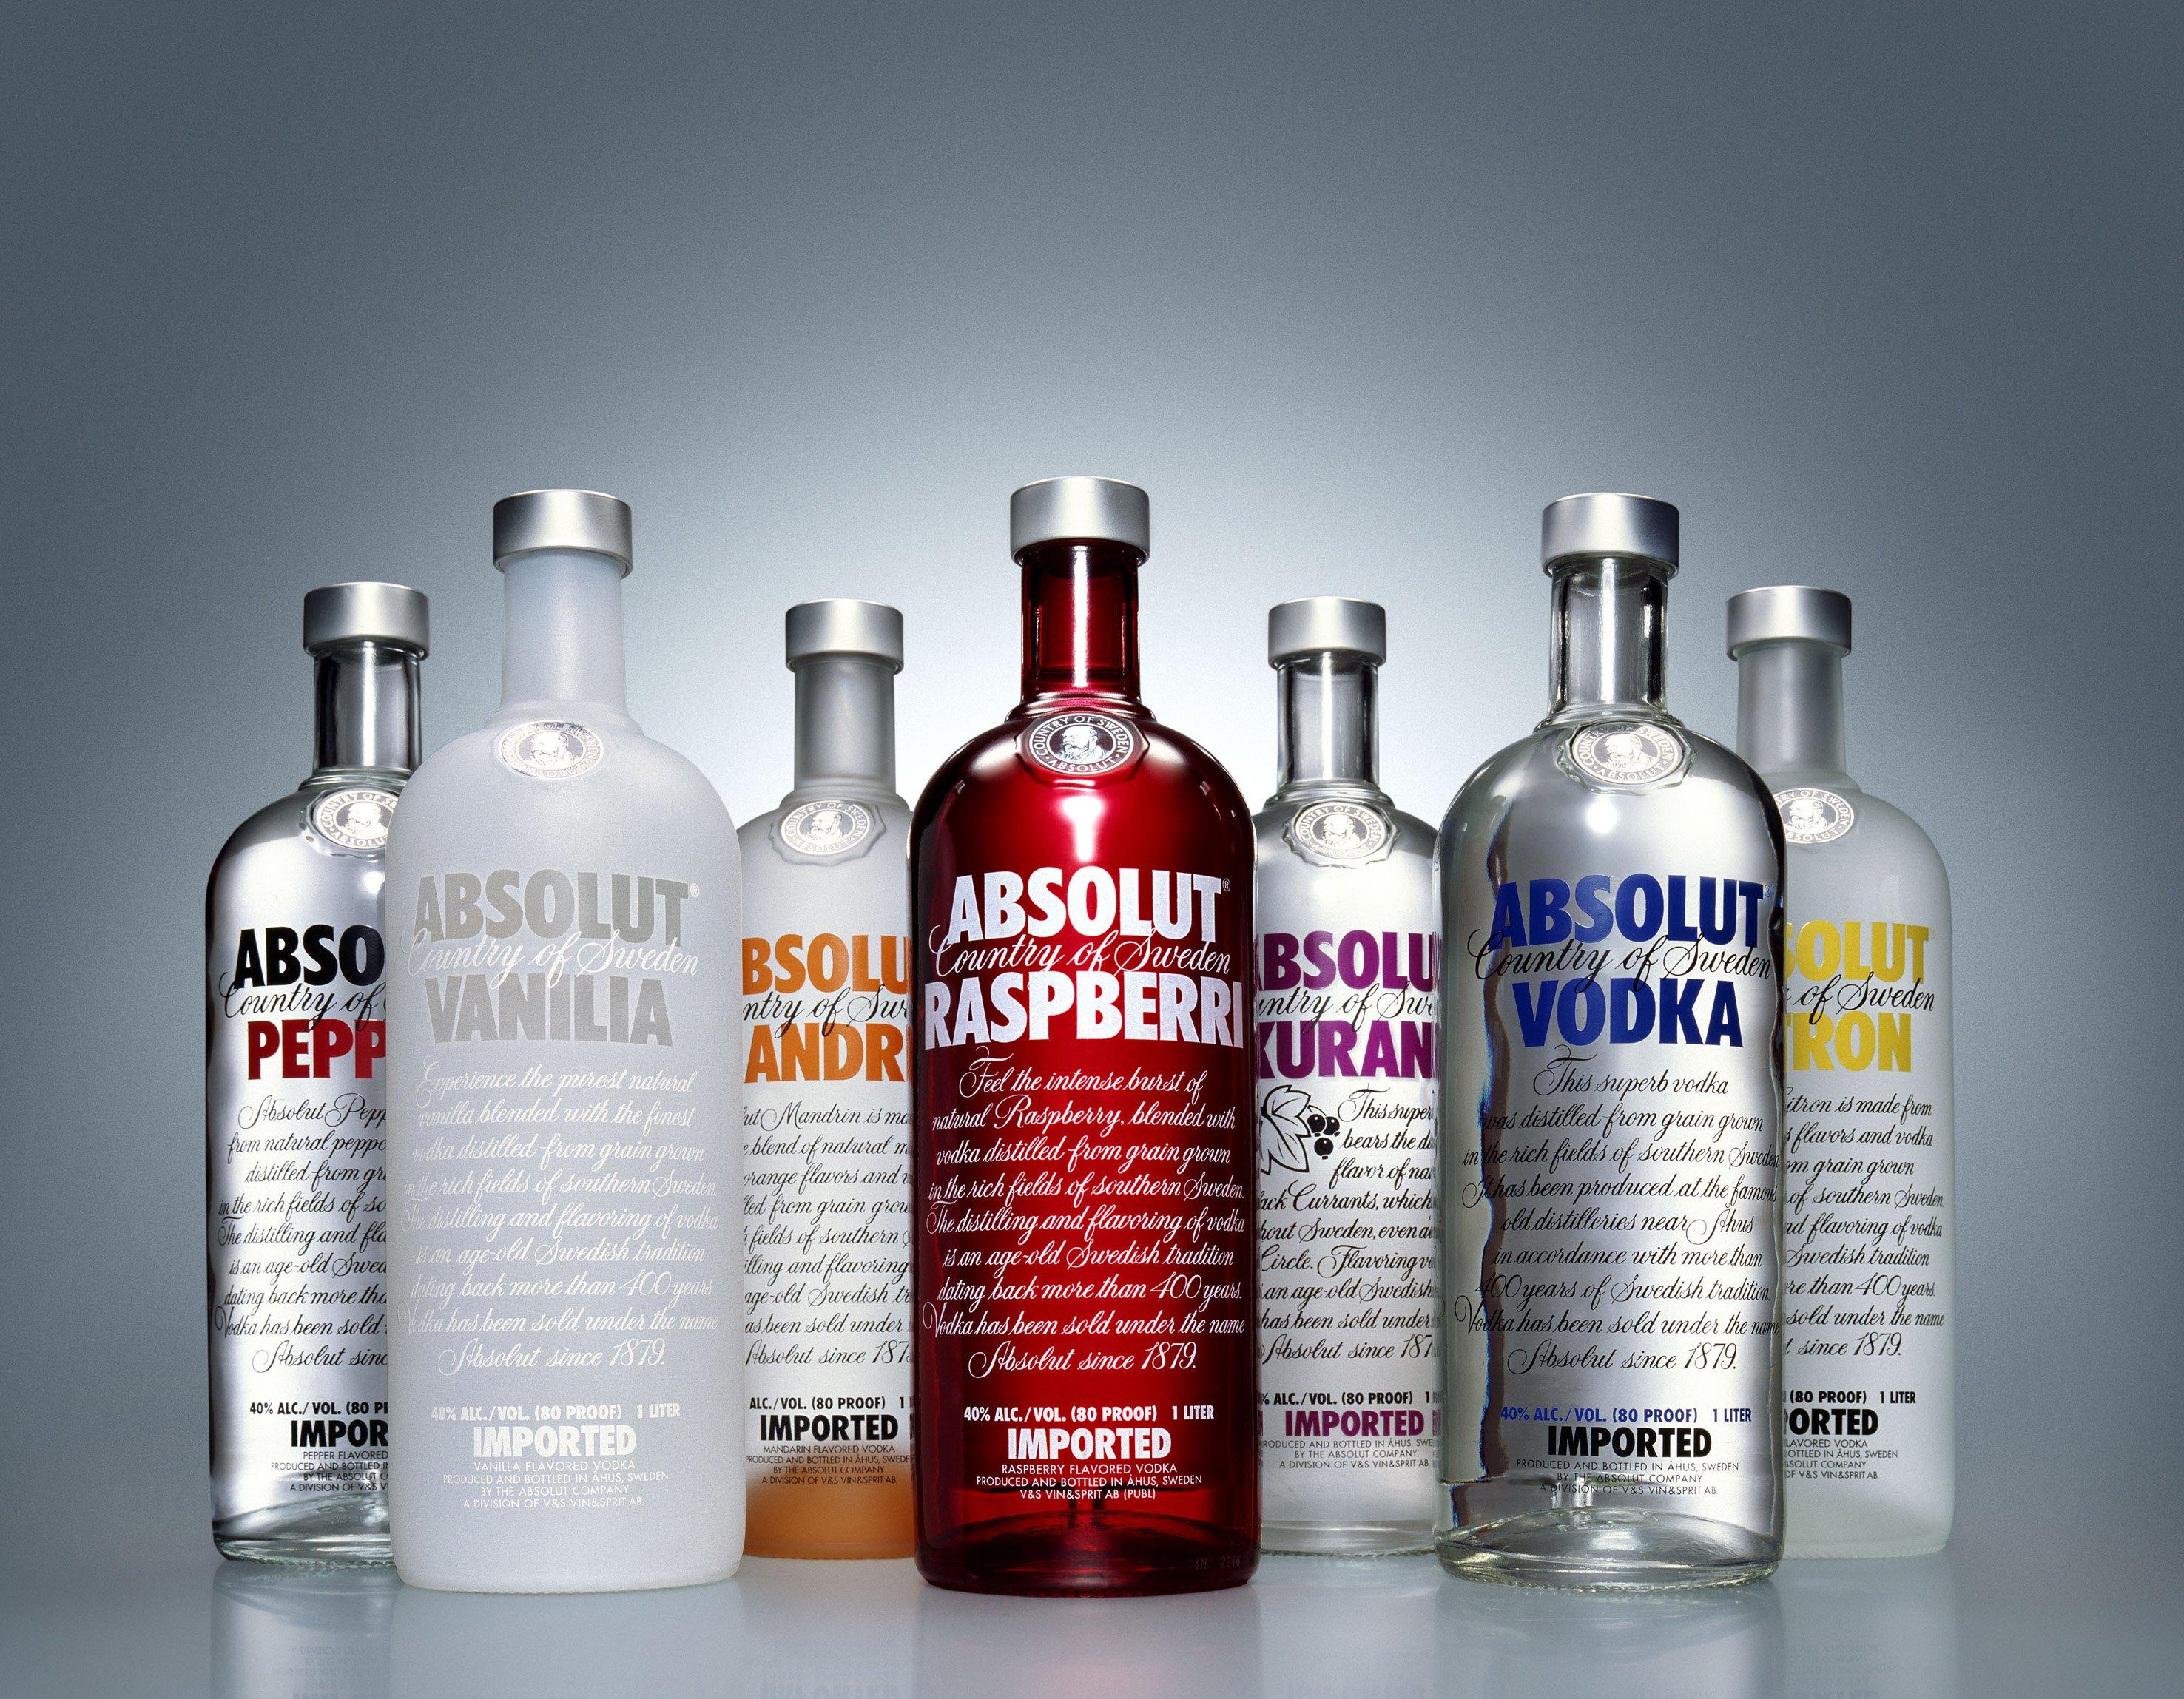 ABSOLUT VODKA alcohol wallpaper 2952x2297 522523 WallpaperUP